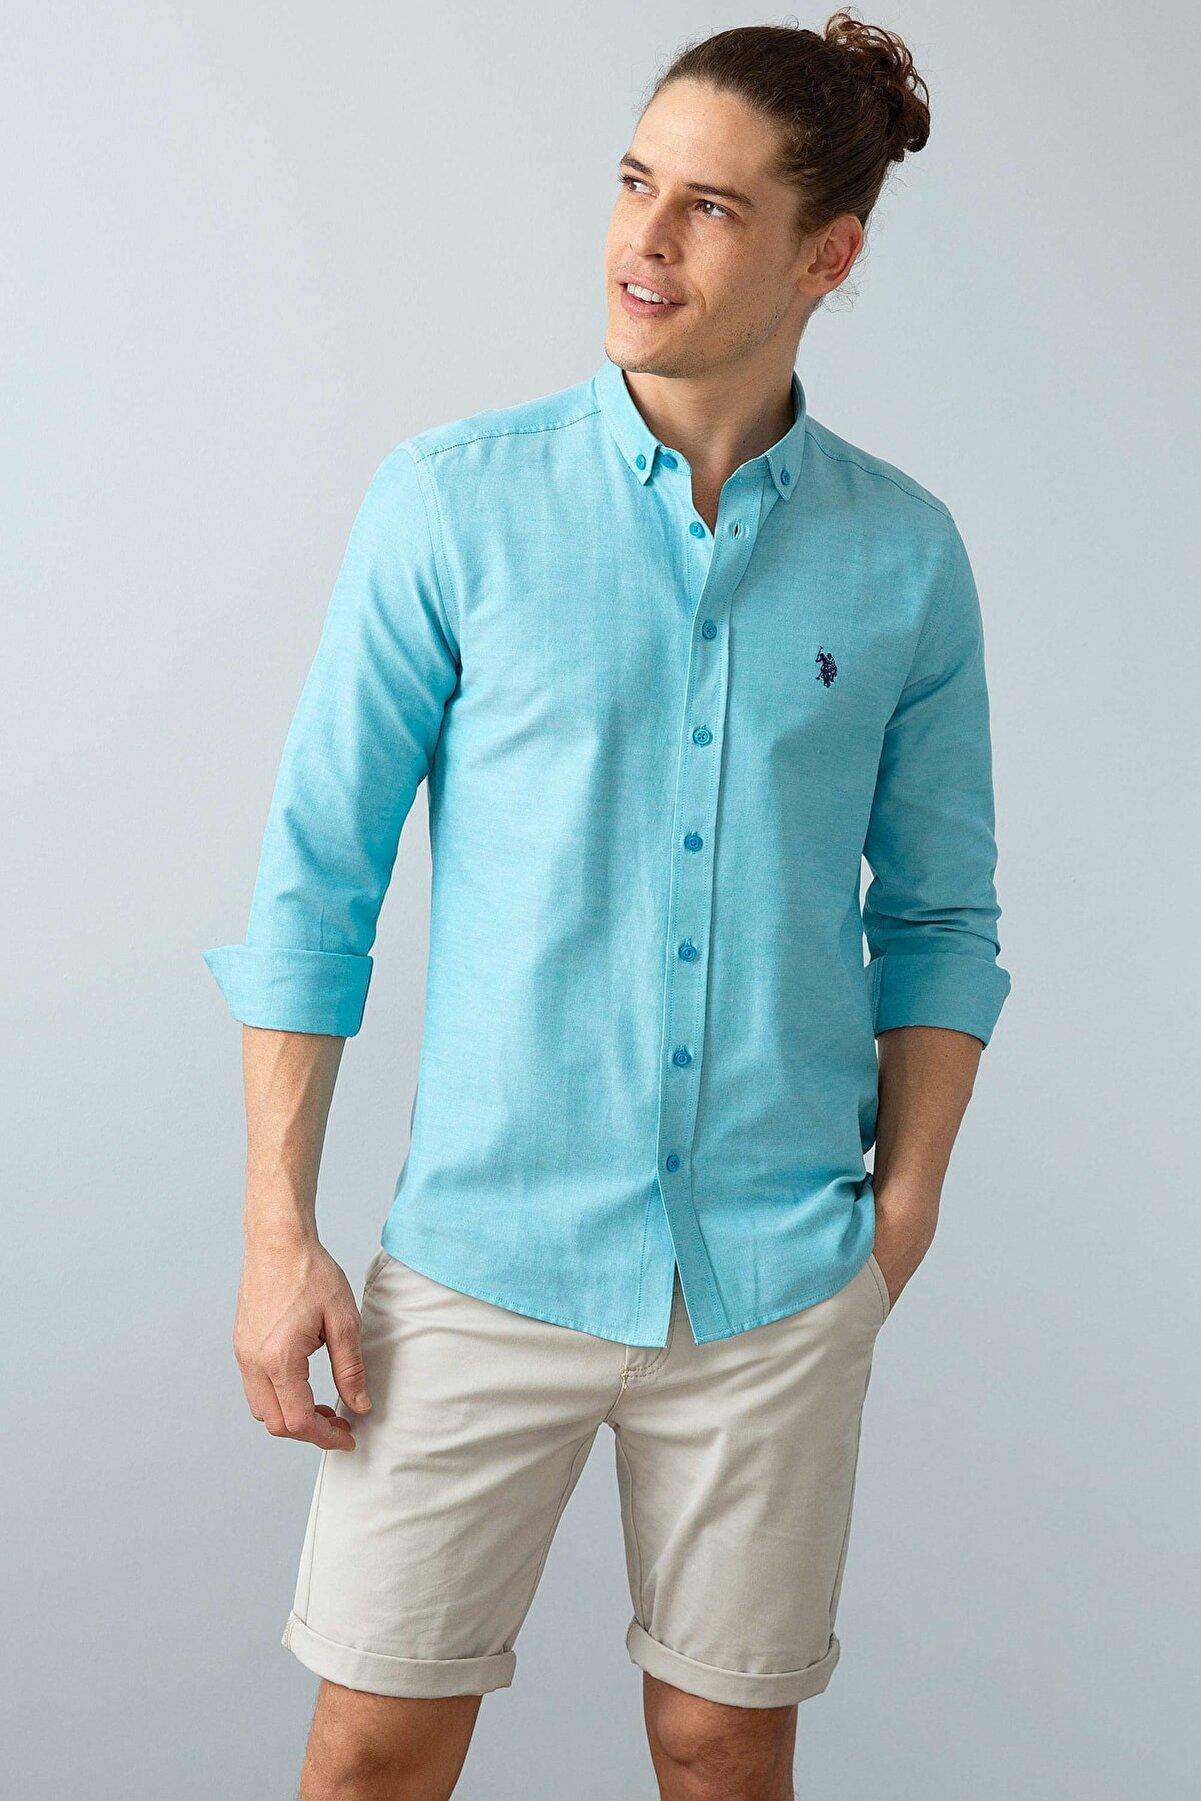 US Polo Assn Erkek Gömlek G081GL004.000.1105592